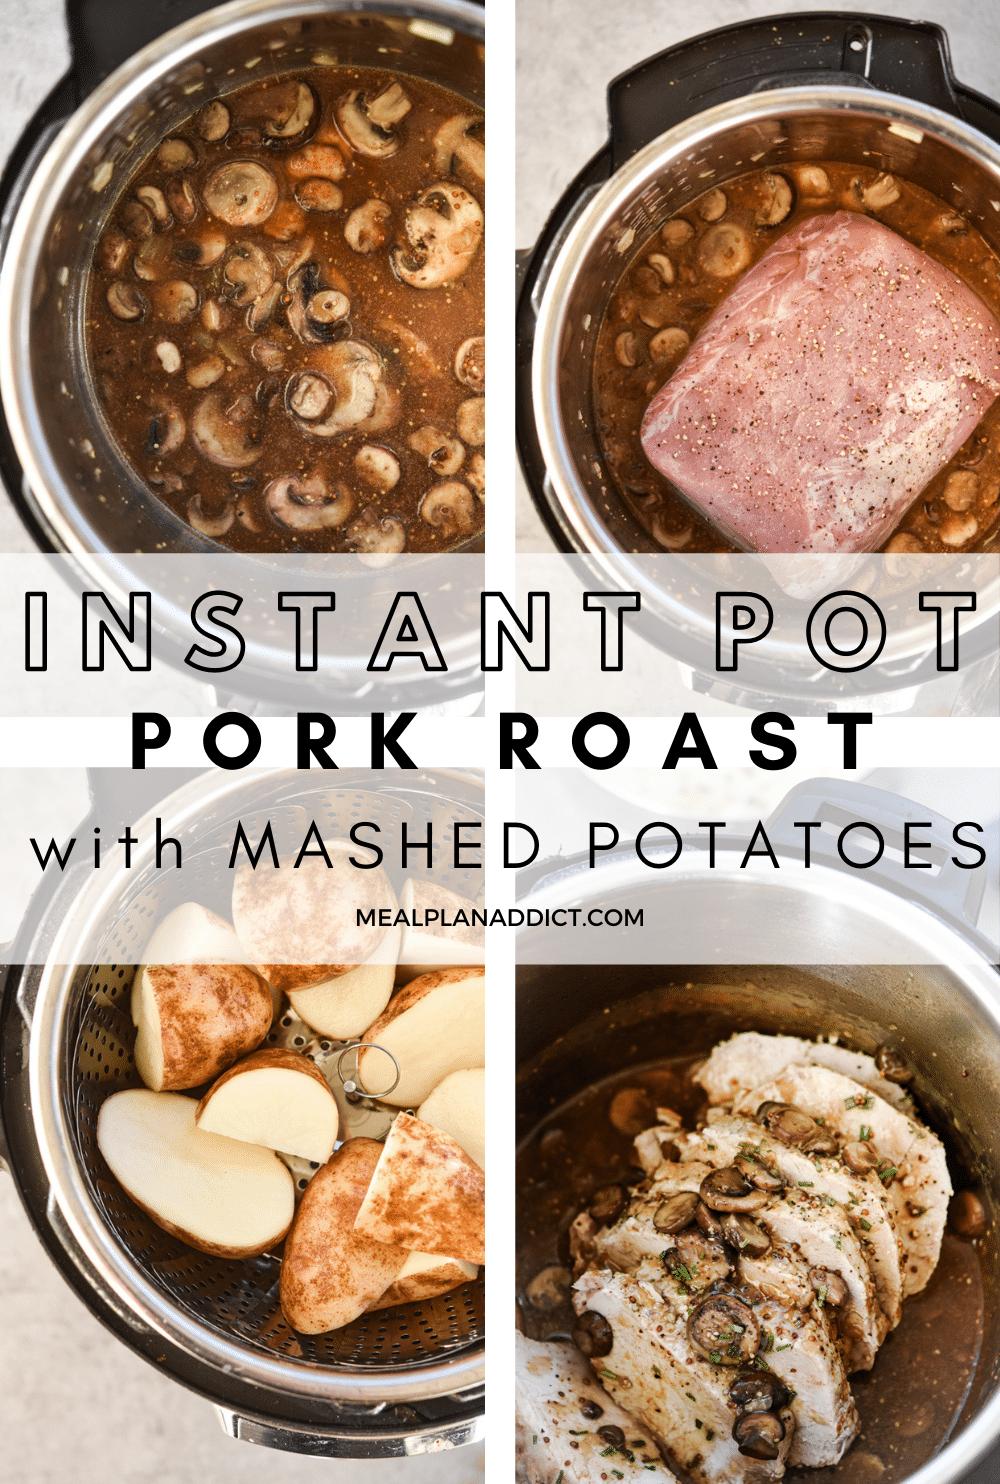 Pork roast pin for Pinterest